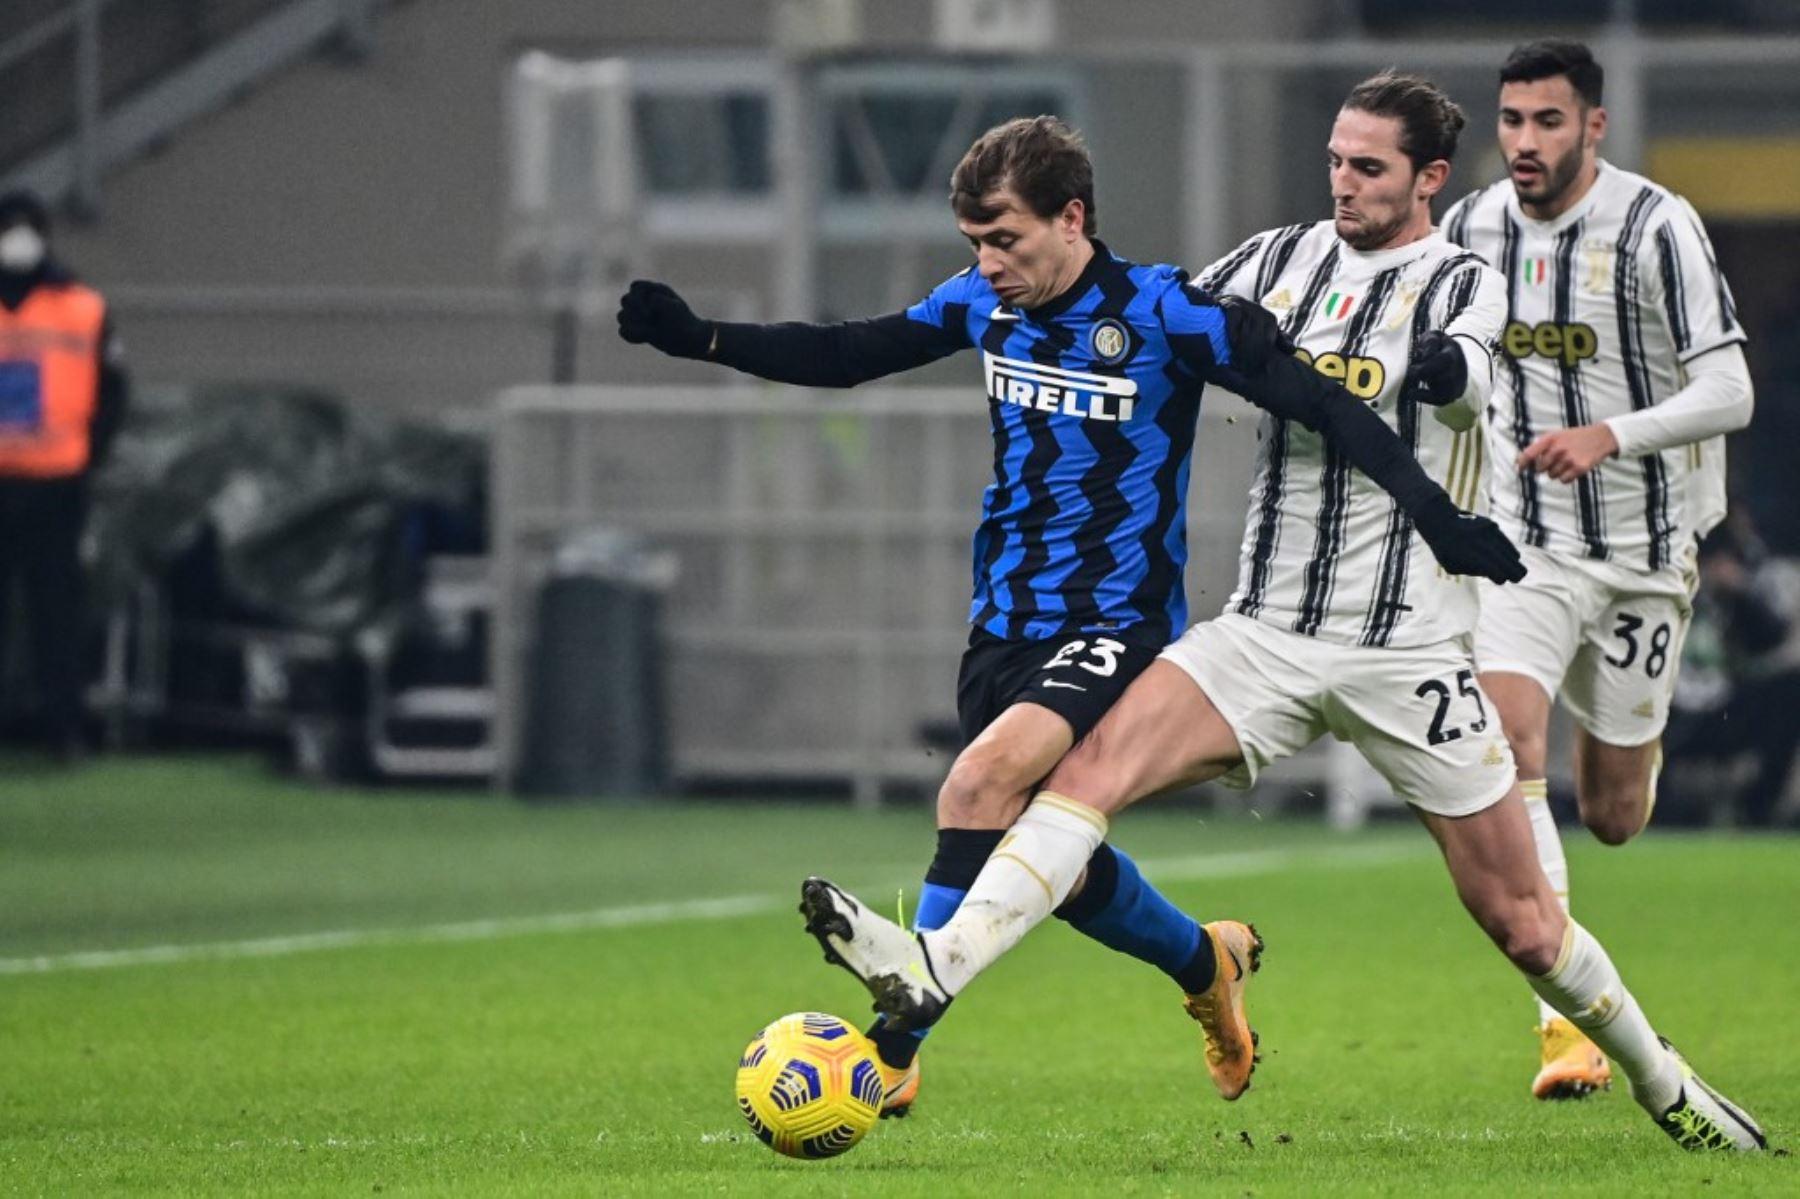 El centrocampista francés de la Juventus Adrien Rabiot (R) aborda al mediocampista italiano del Inter de Milán Nicolo Barella durante el partido de fútbol de la Serie A italiana Inter vs Juventus el 17 de enero de 2021 en el estadio San Siro de Milán. Foto: AFP